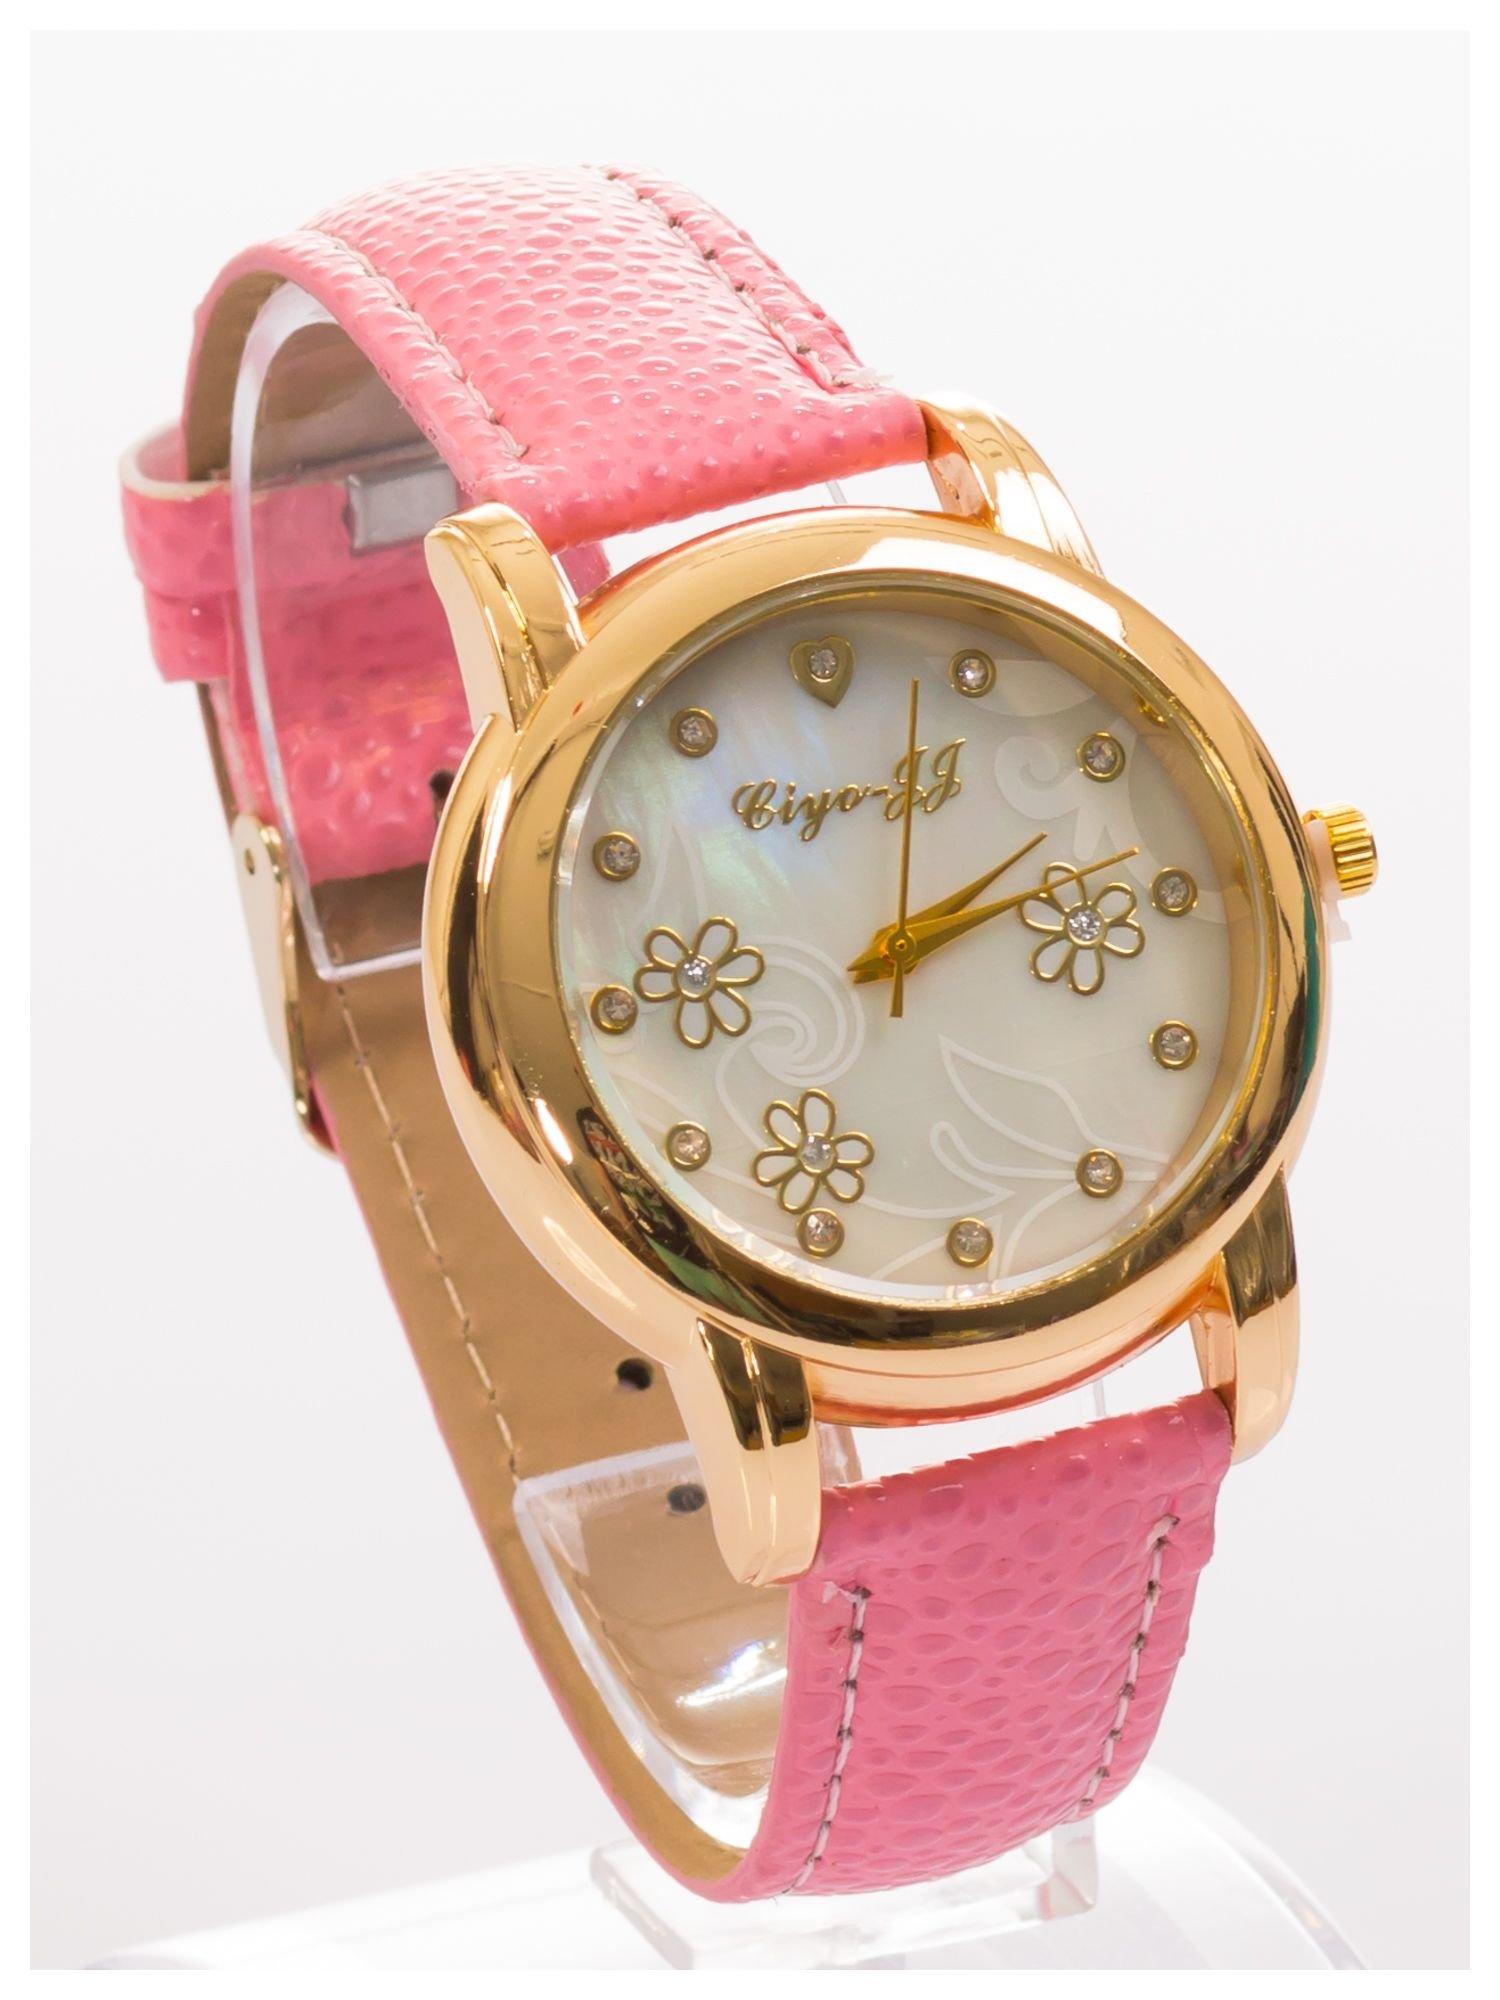 Damski zegarek z cyrkoniami i zdobieniami na perłowej tarczy                                  zdj.                                  3